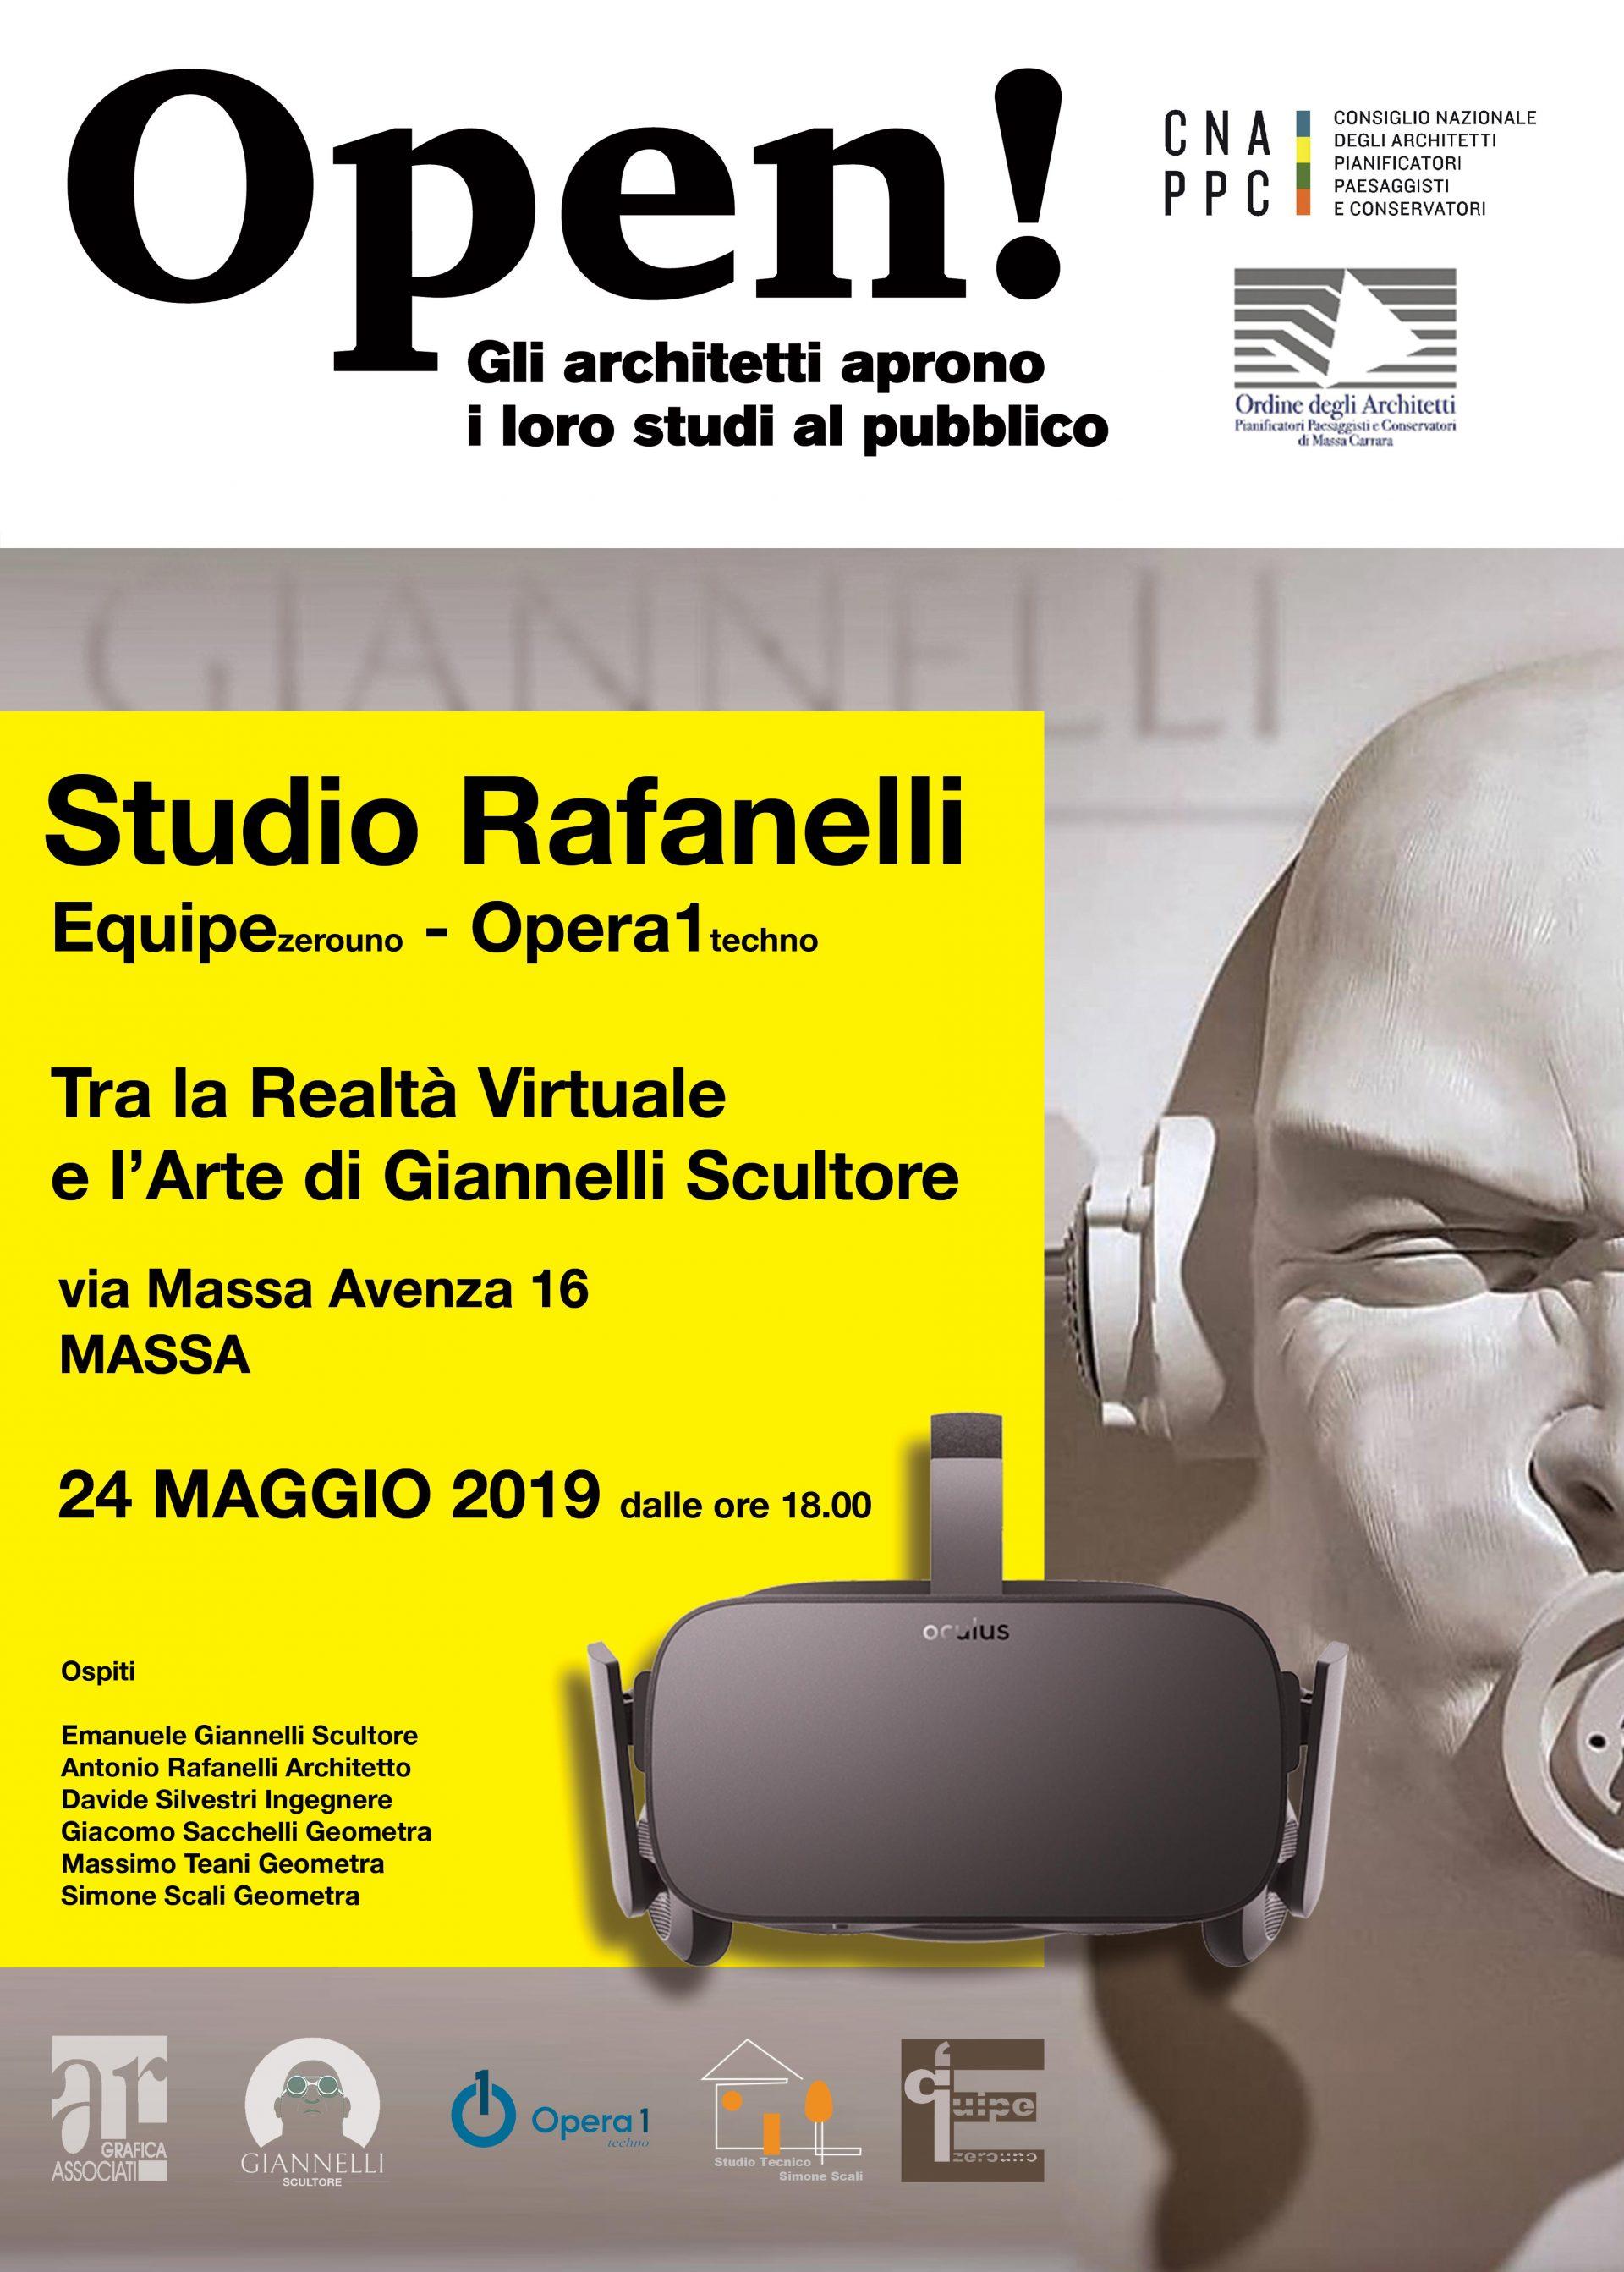 Realtà Virtuale e l'Arte di Giannelli Scultore